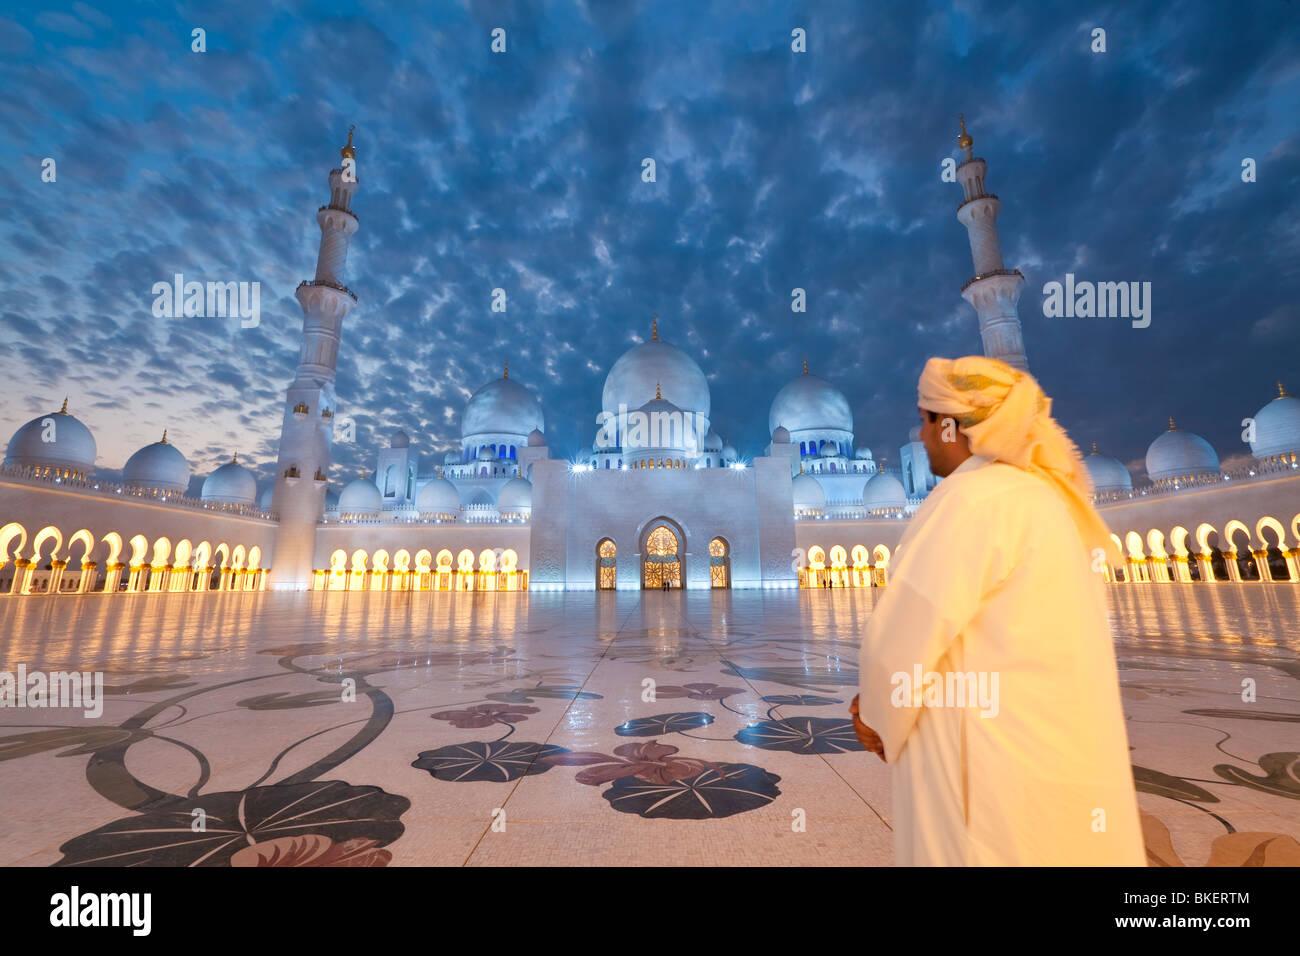 Sheikh Zayed Bin Sultan Al Nahyan Mosque, Abu Dhabi, United Arab Emirates, UAE - M.R - Stock Image